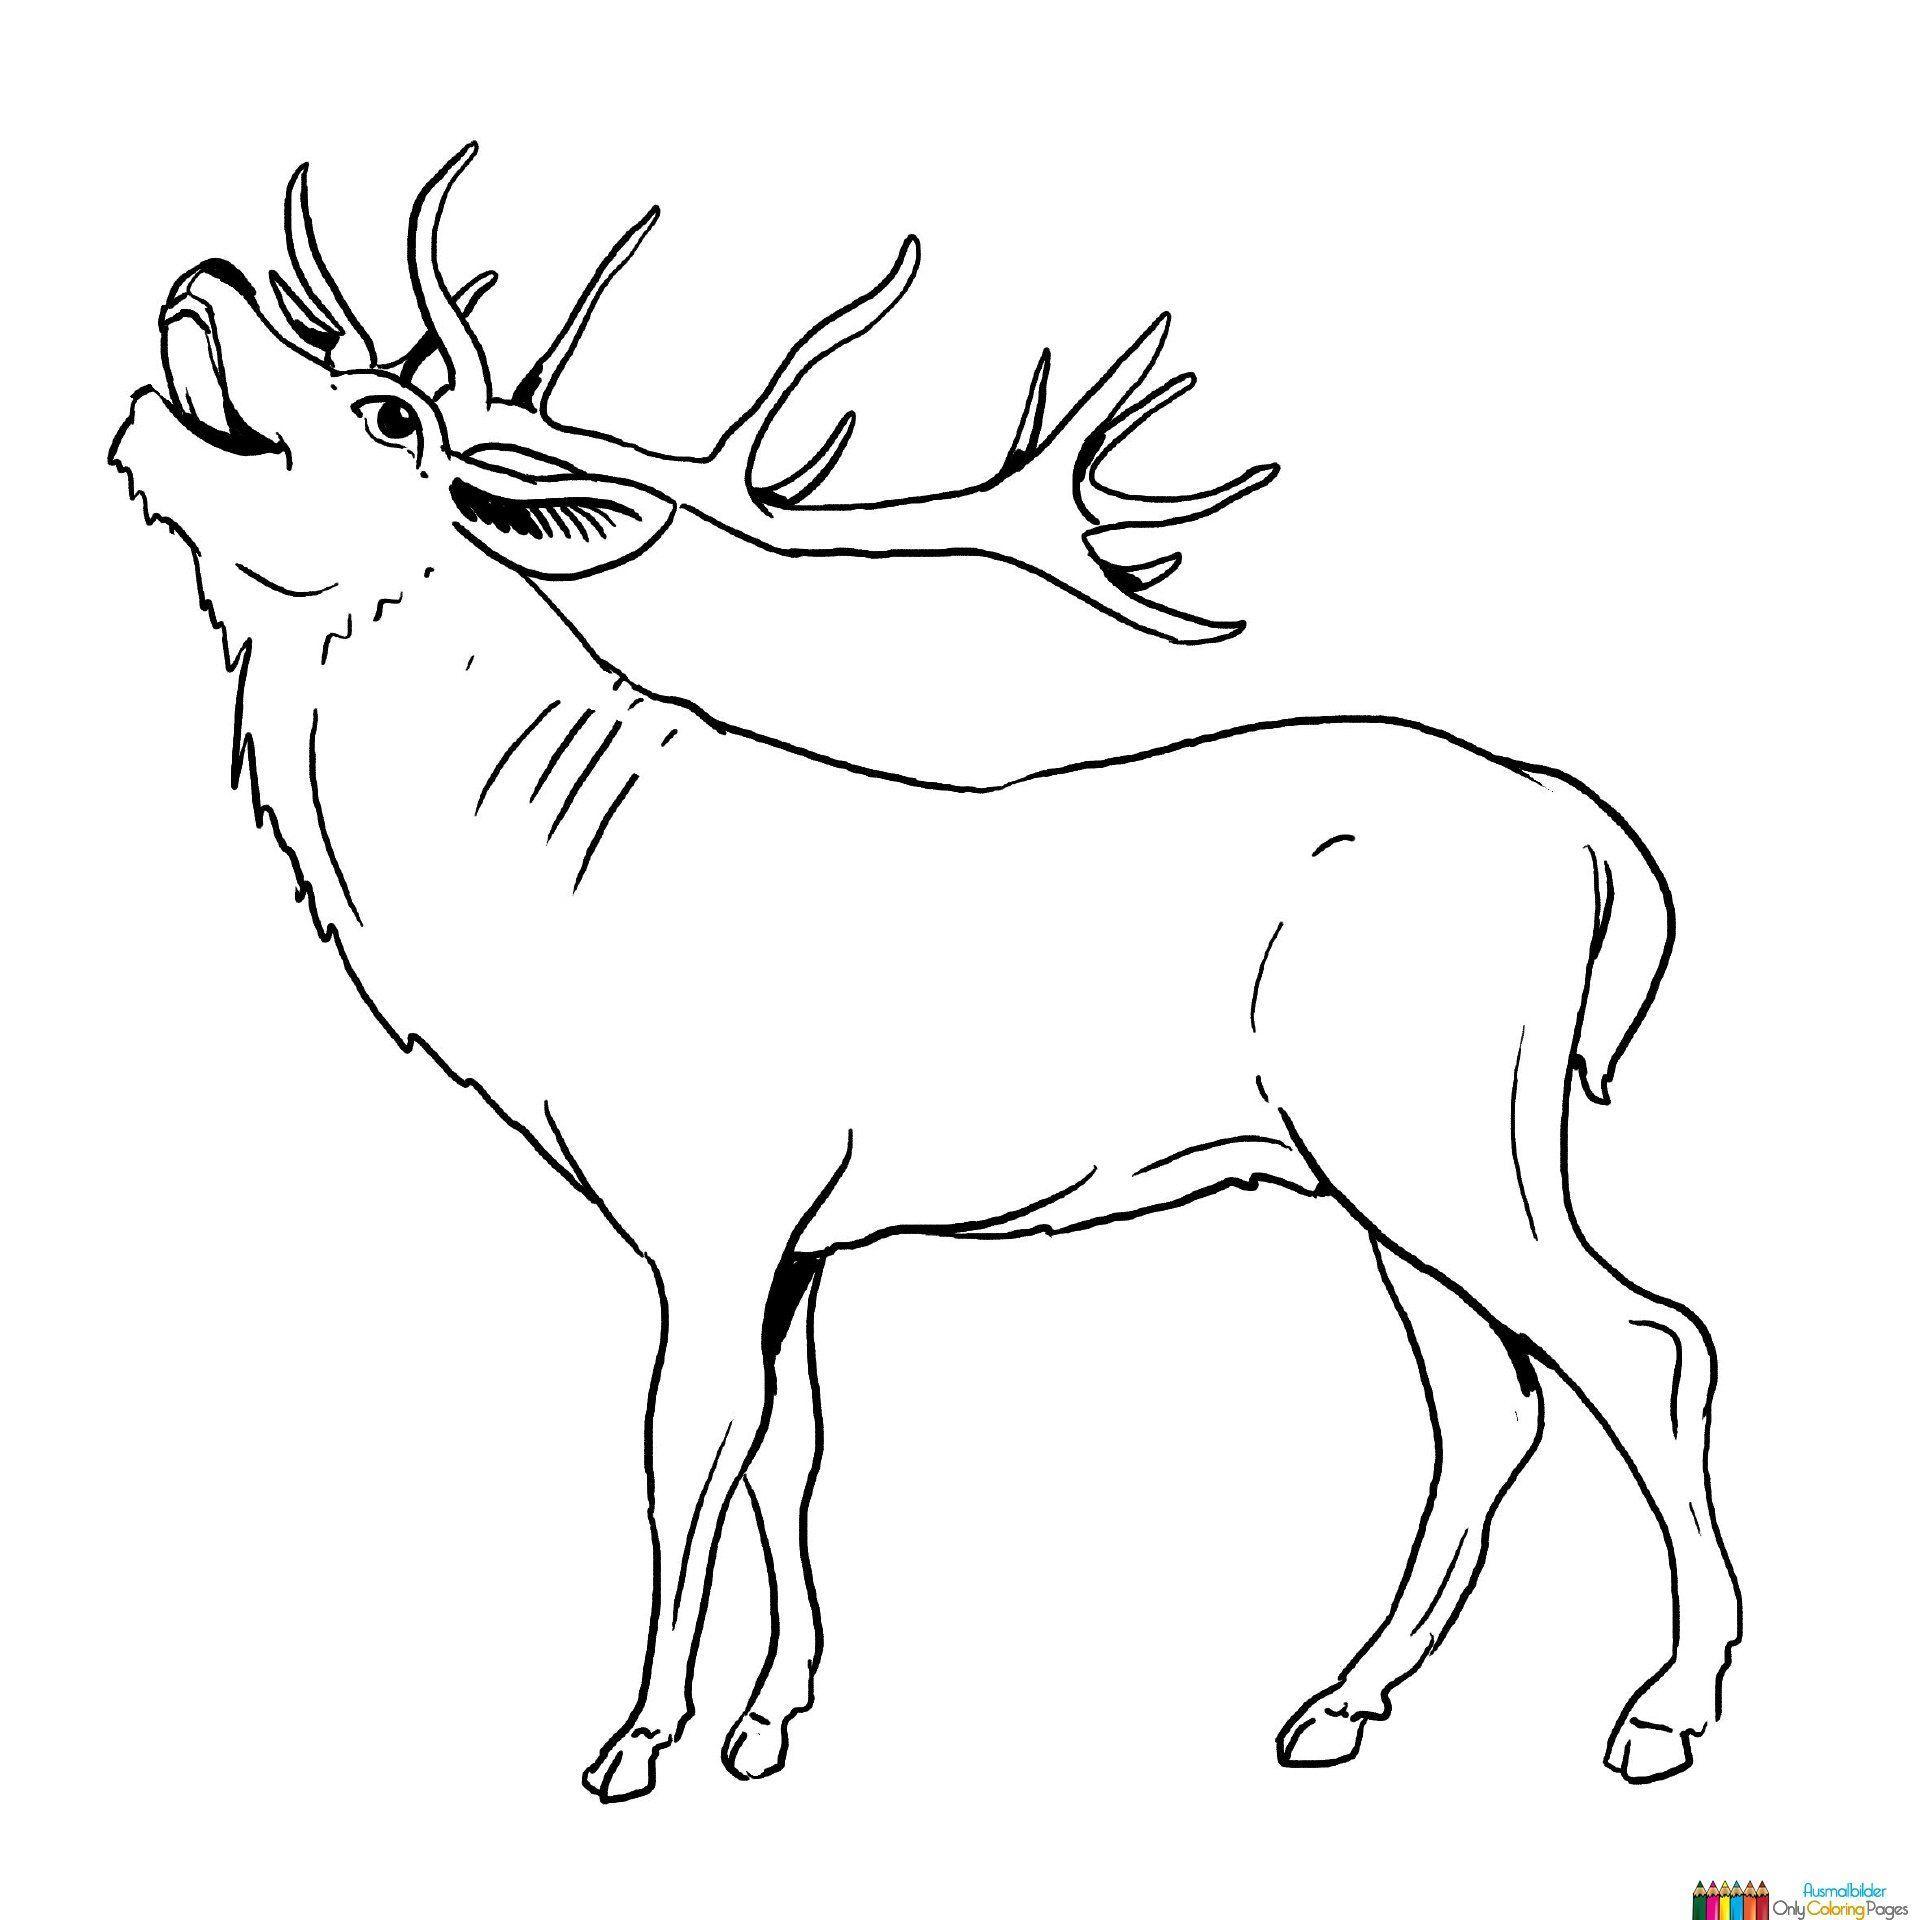 Hirsch Malvorlagen Ausmalbilder Tiere Malvorlagen Malvorlagen Tiere